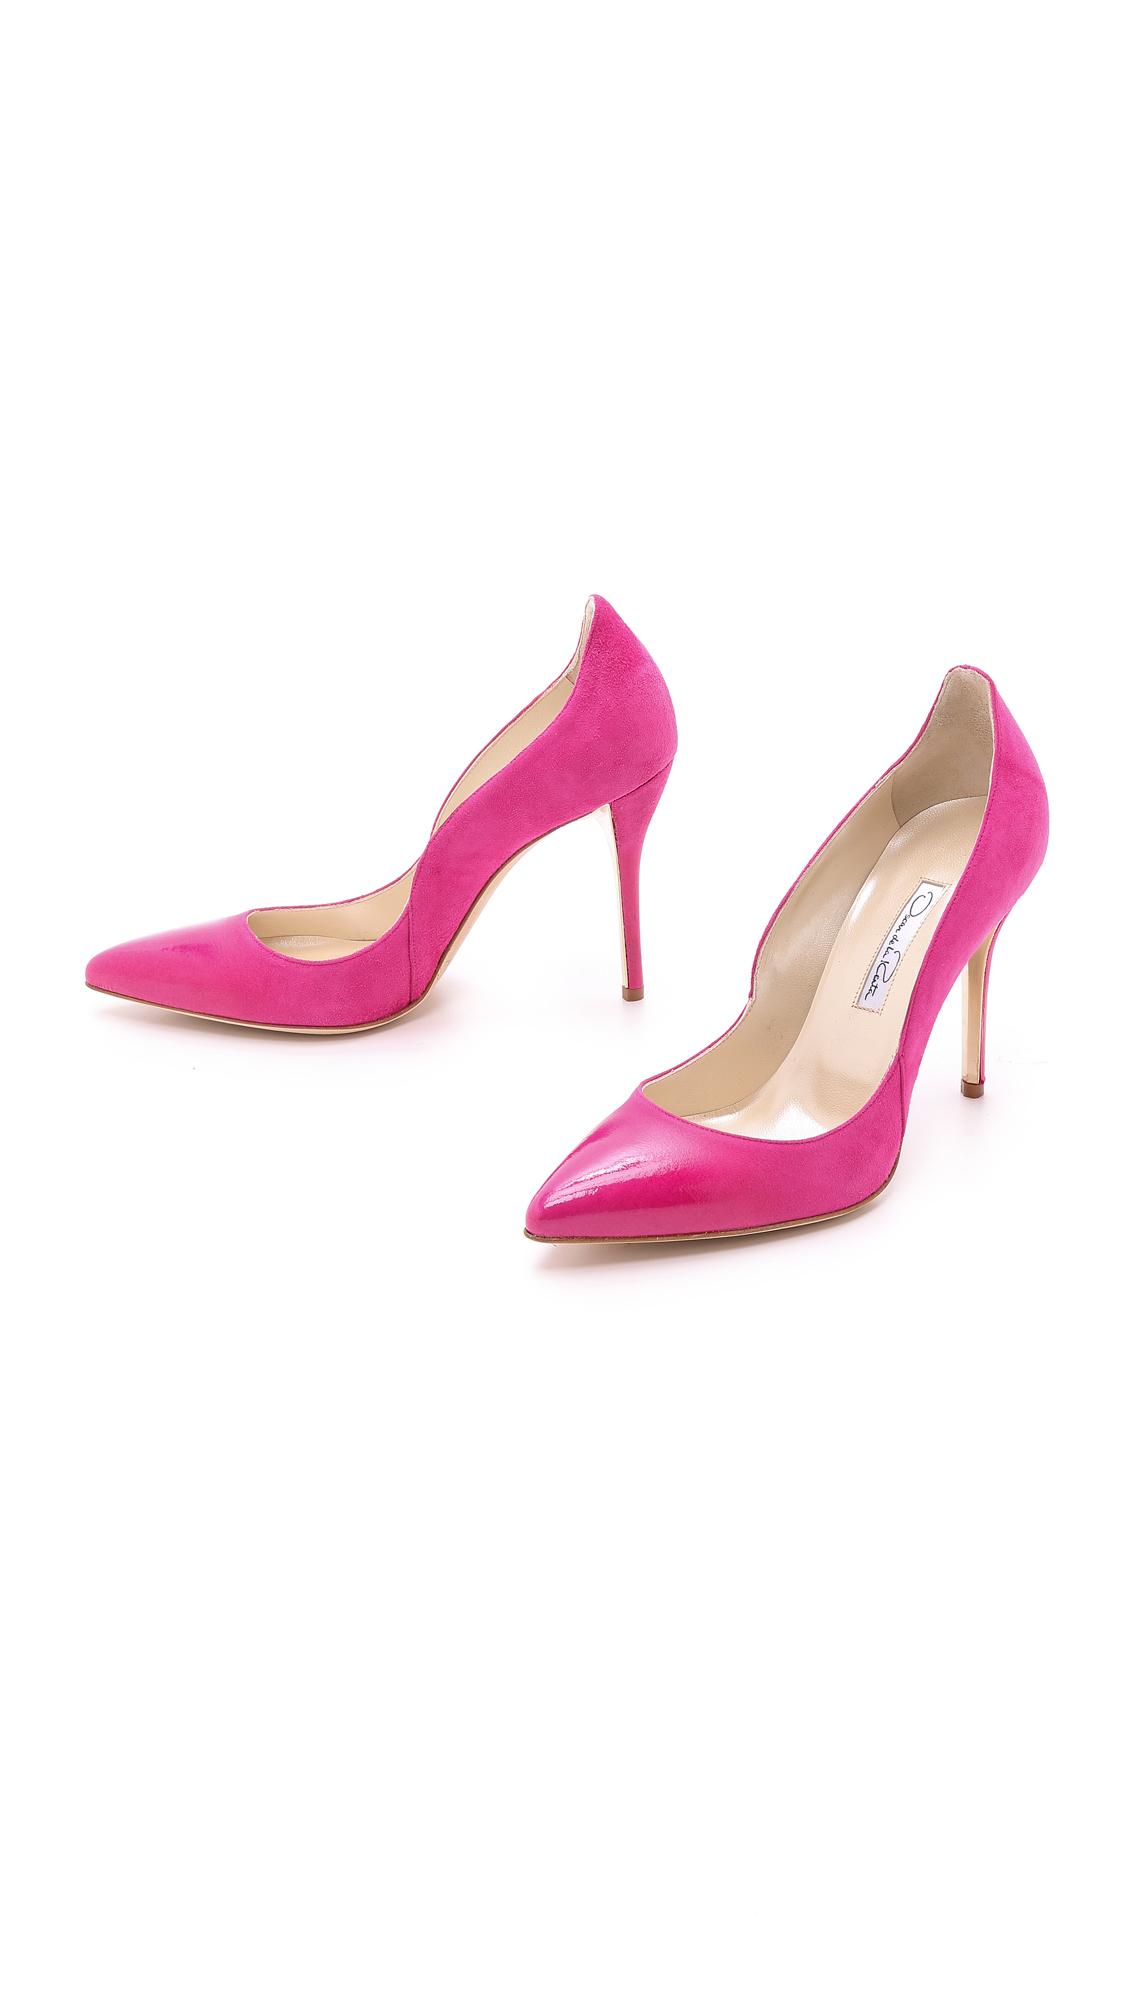 Shocking Pink Heels